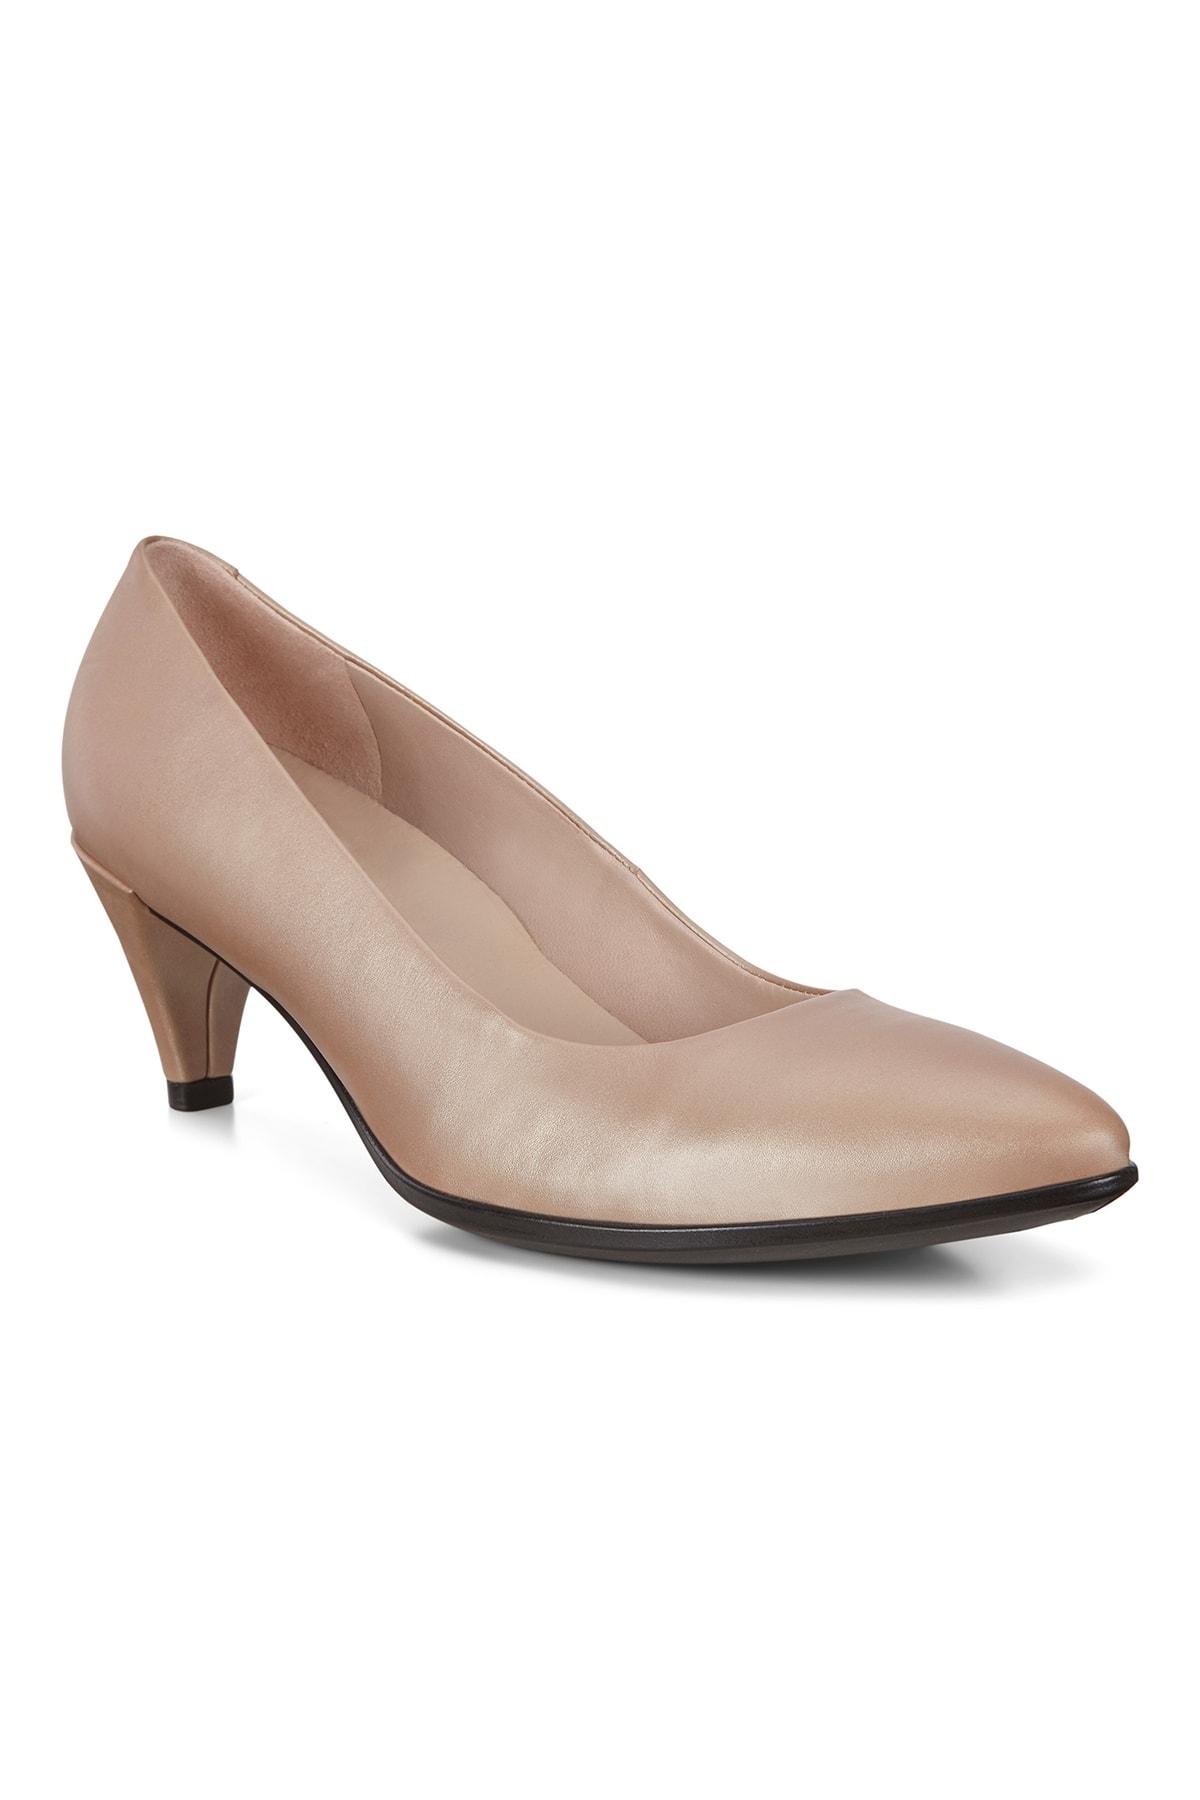 Ecco Kadın Klasik Topuklu Ayakkabı Shape 45 Pointy Sleek Champagne Metallic Bej 263903